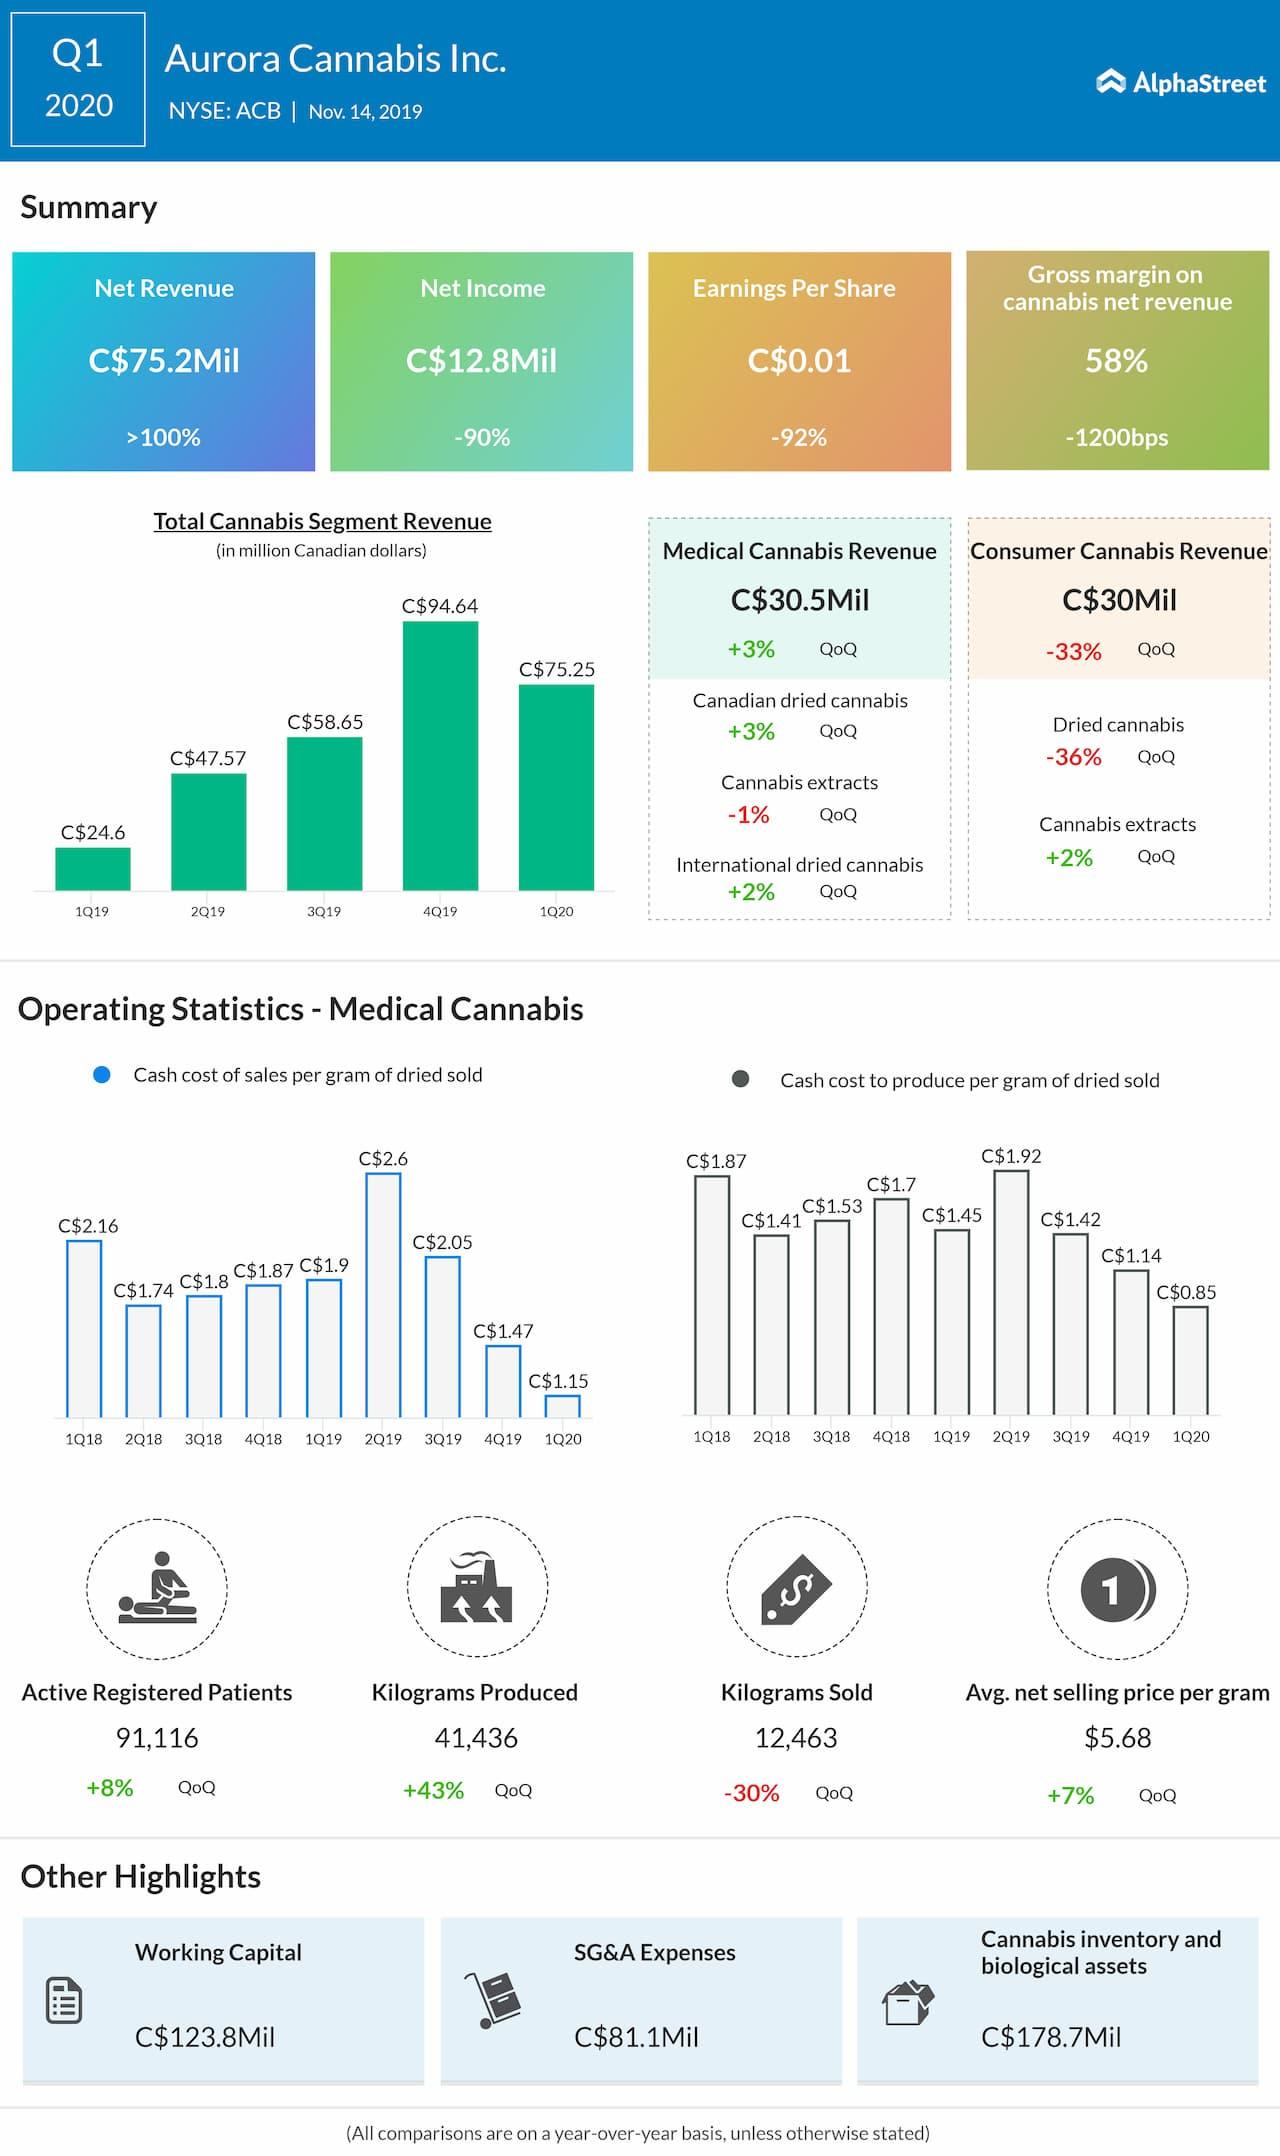 Aurora Cannabis (ACB) Q1 2020 Earnings Review